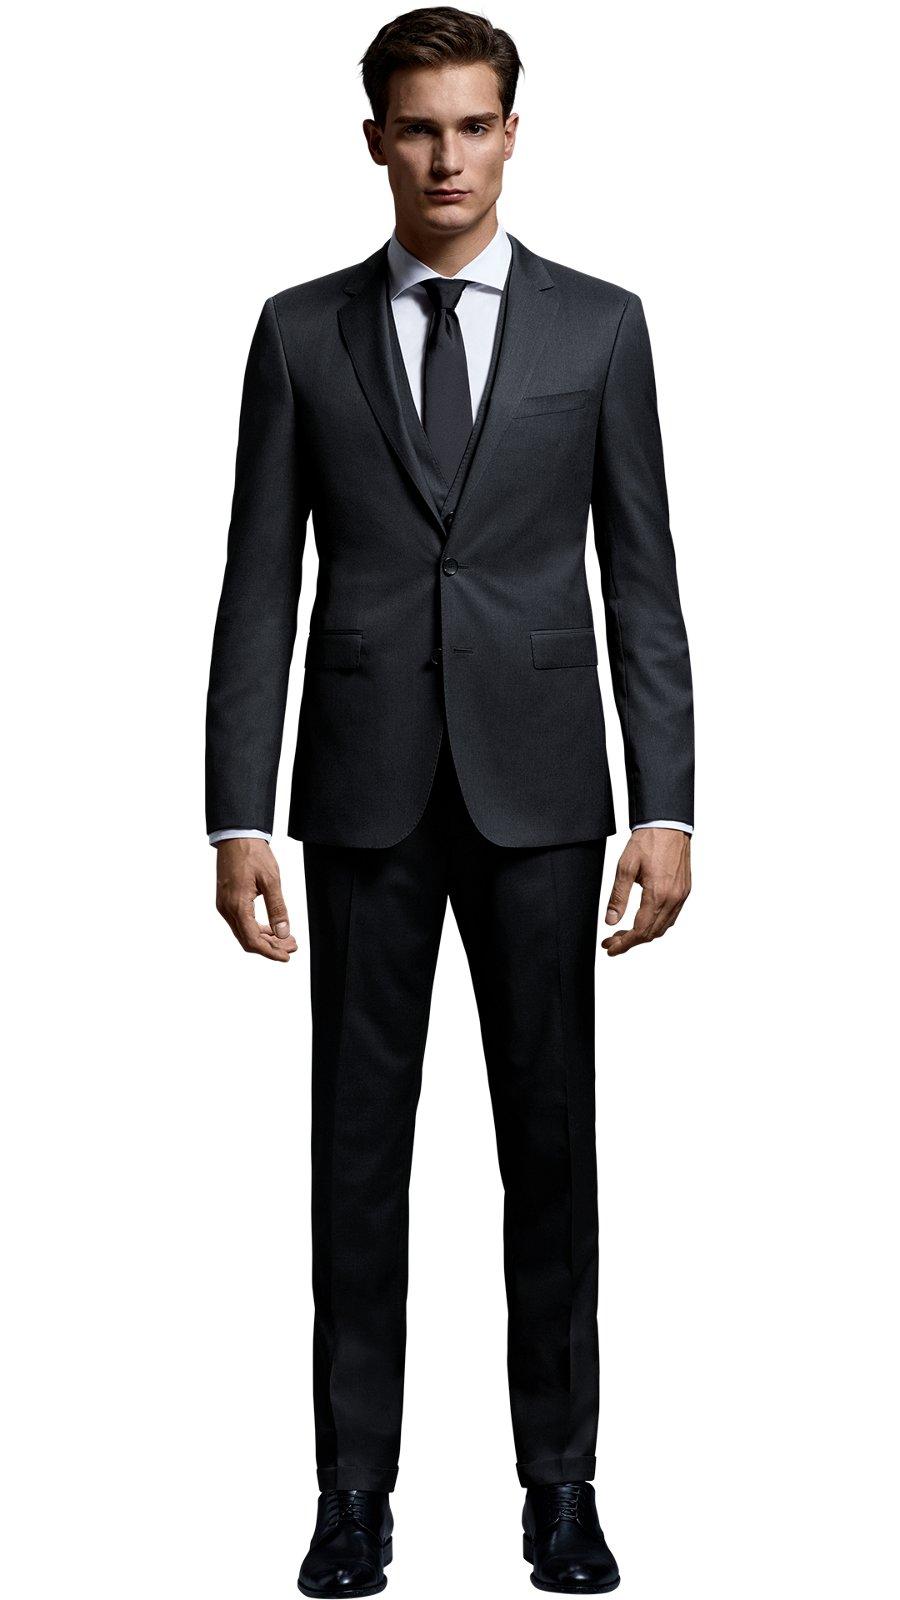 9970f270e015 Herr mit grauem Mix and Match Anzug aus der Create Your Look Kollektion von  BOSS ...